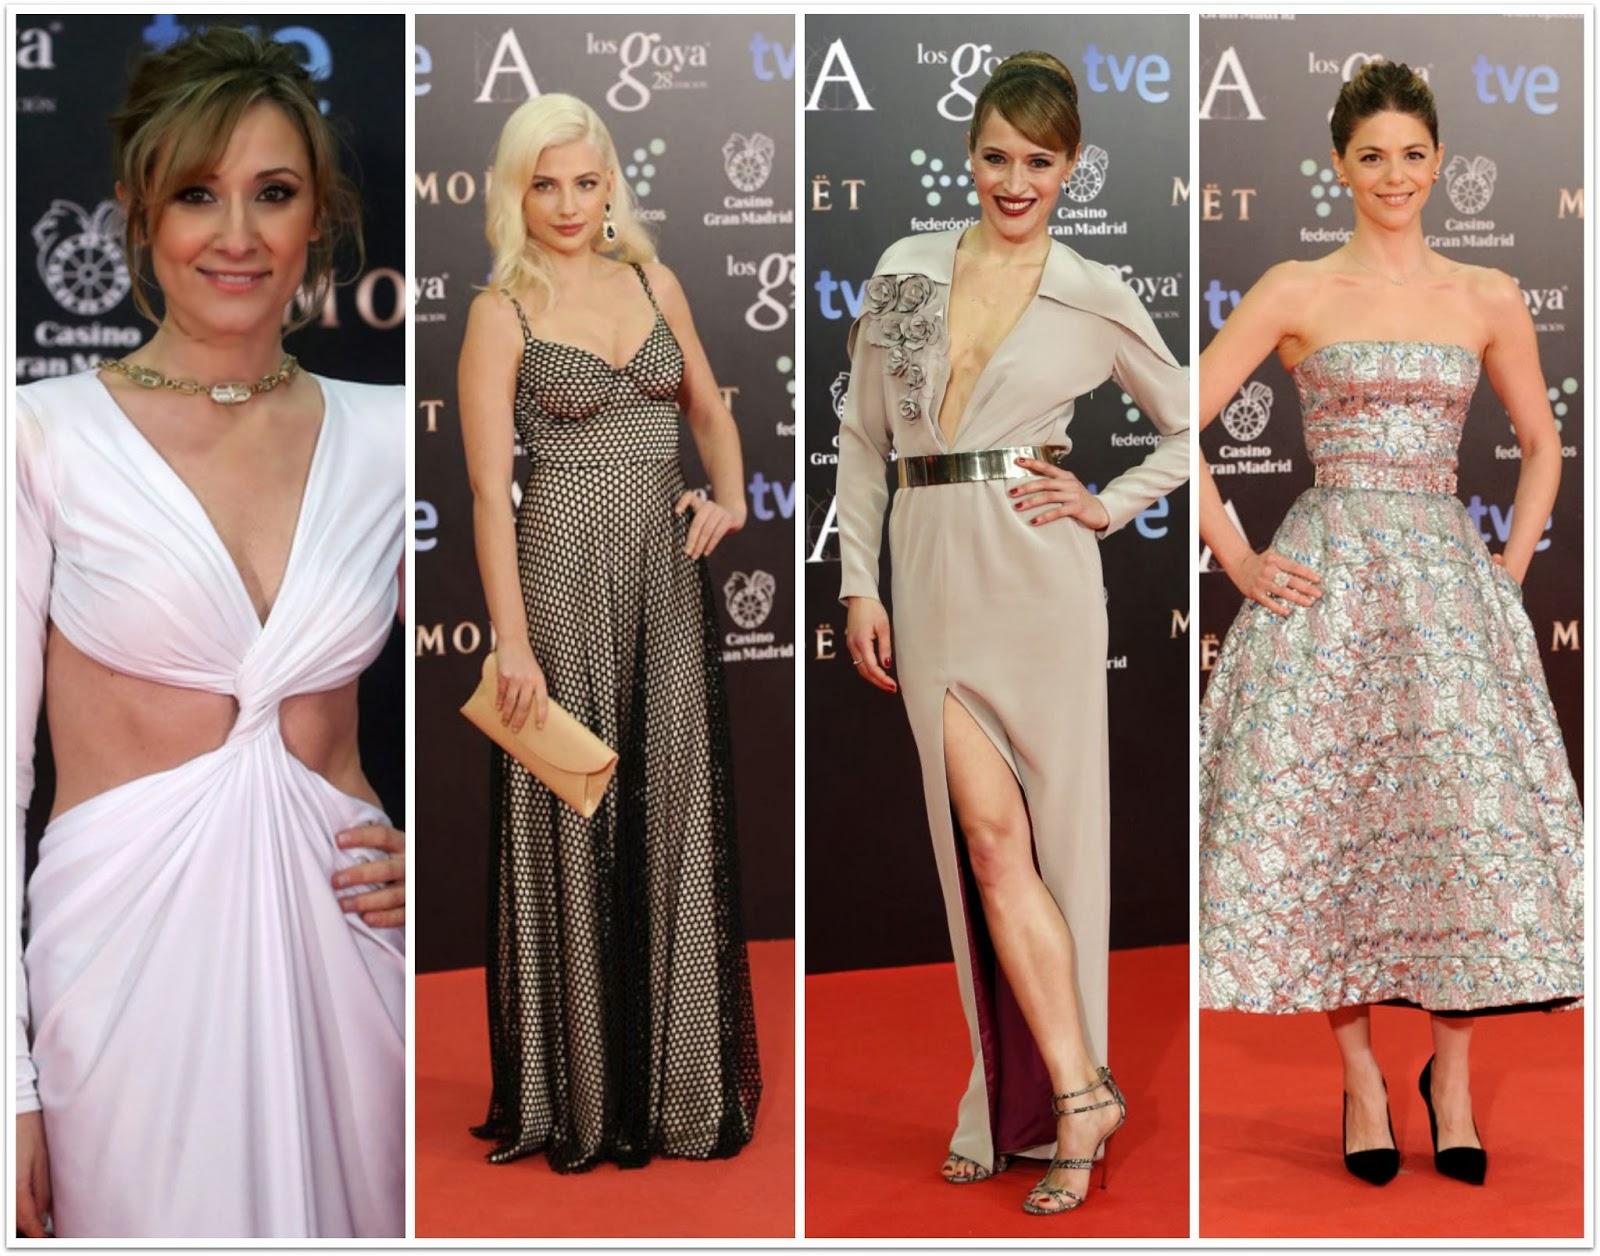 Las peor vestidas de los Goya 28 - 2014 - Nathalie Poza, Miriam Giovanella, María Larralde, Manuela Velasco